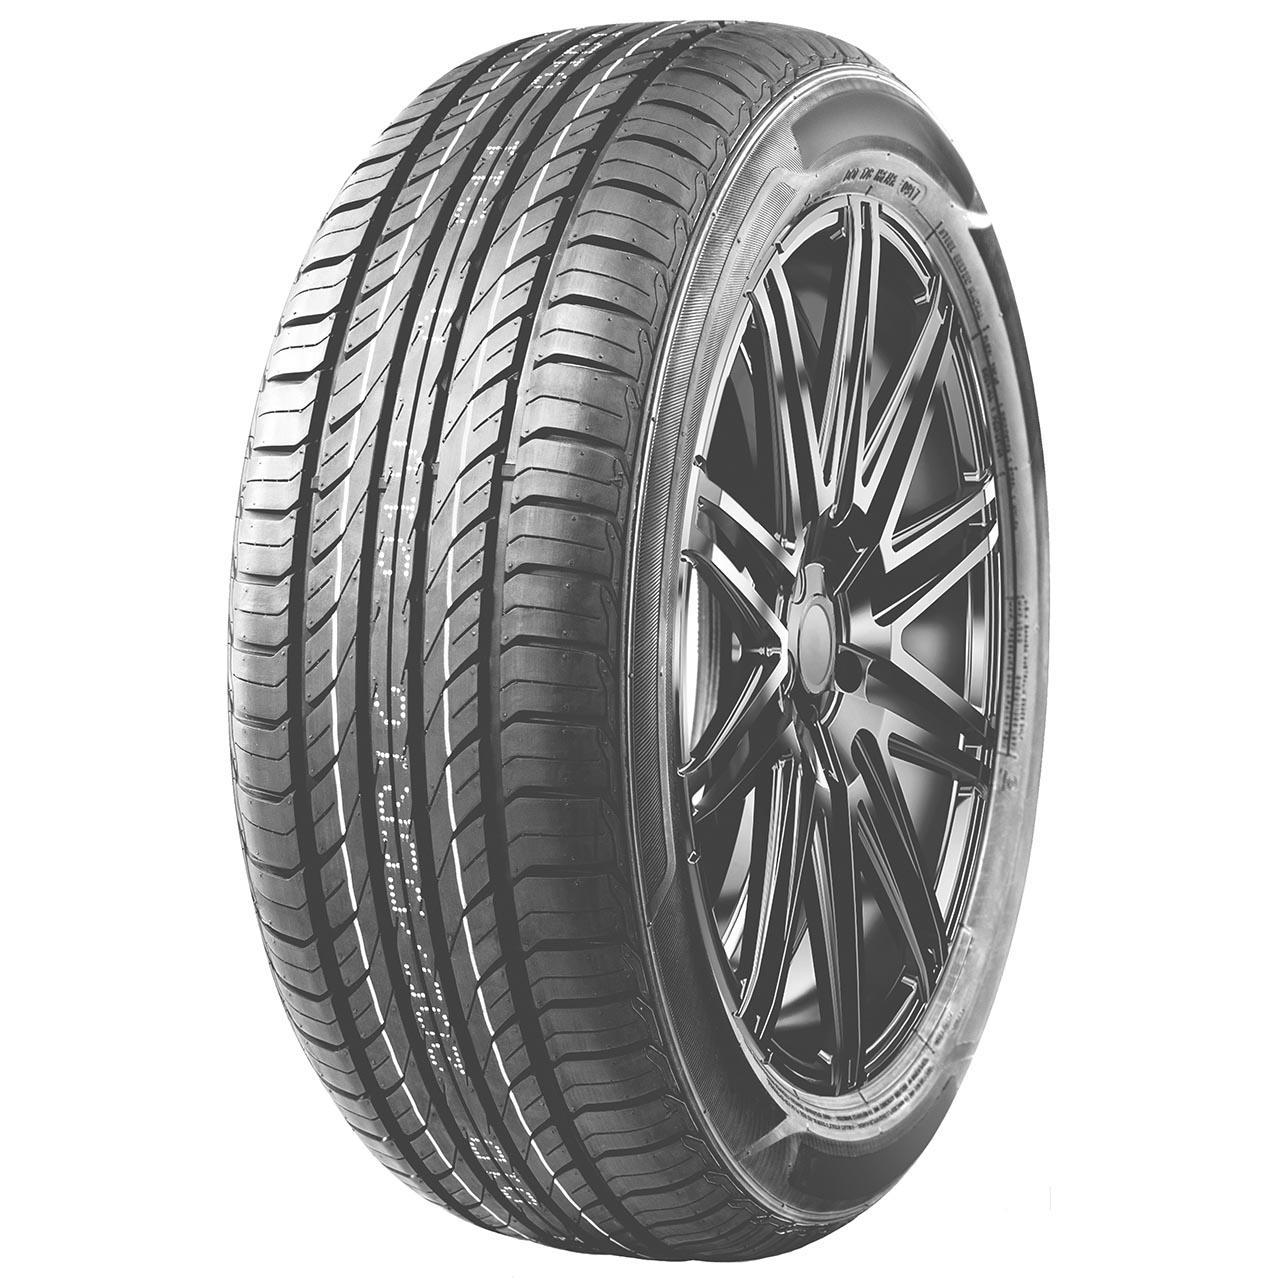 T Tyre Three 205/55R16 91V